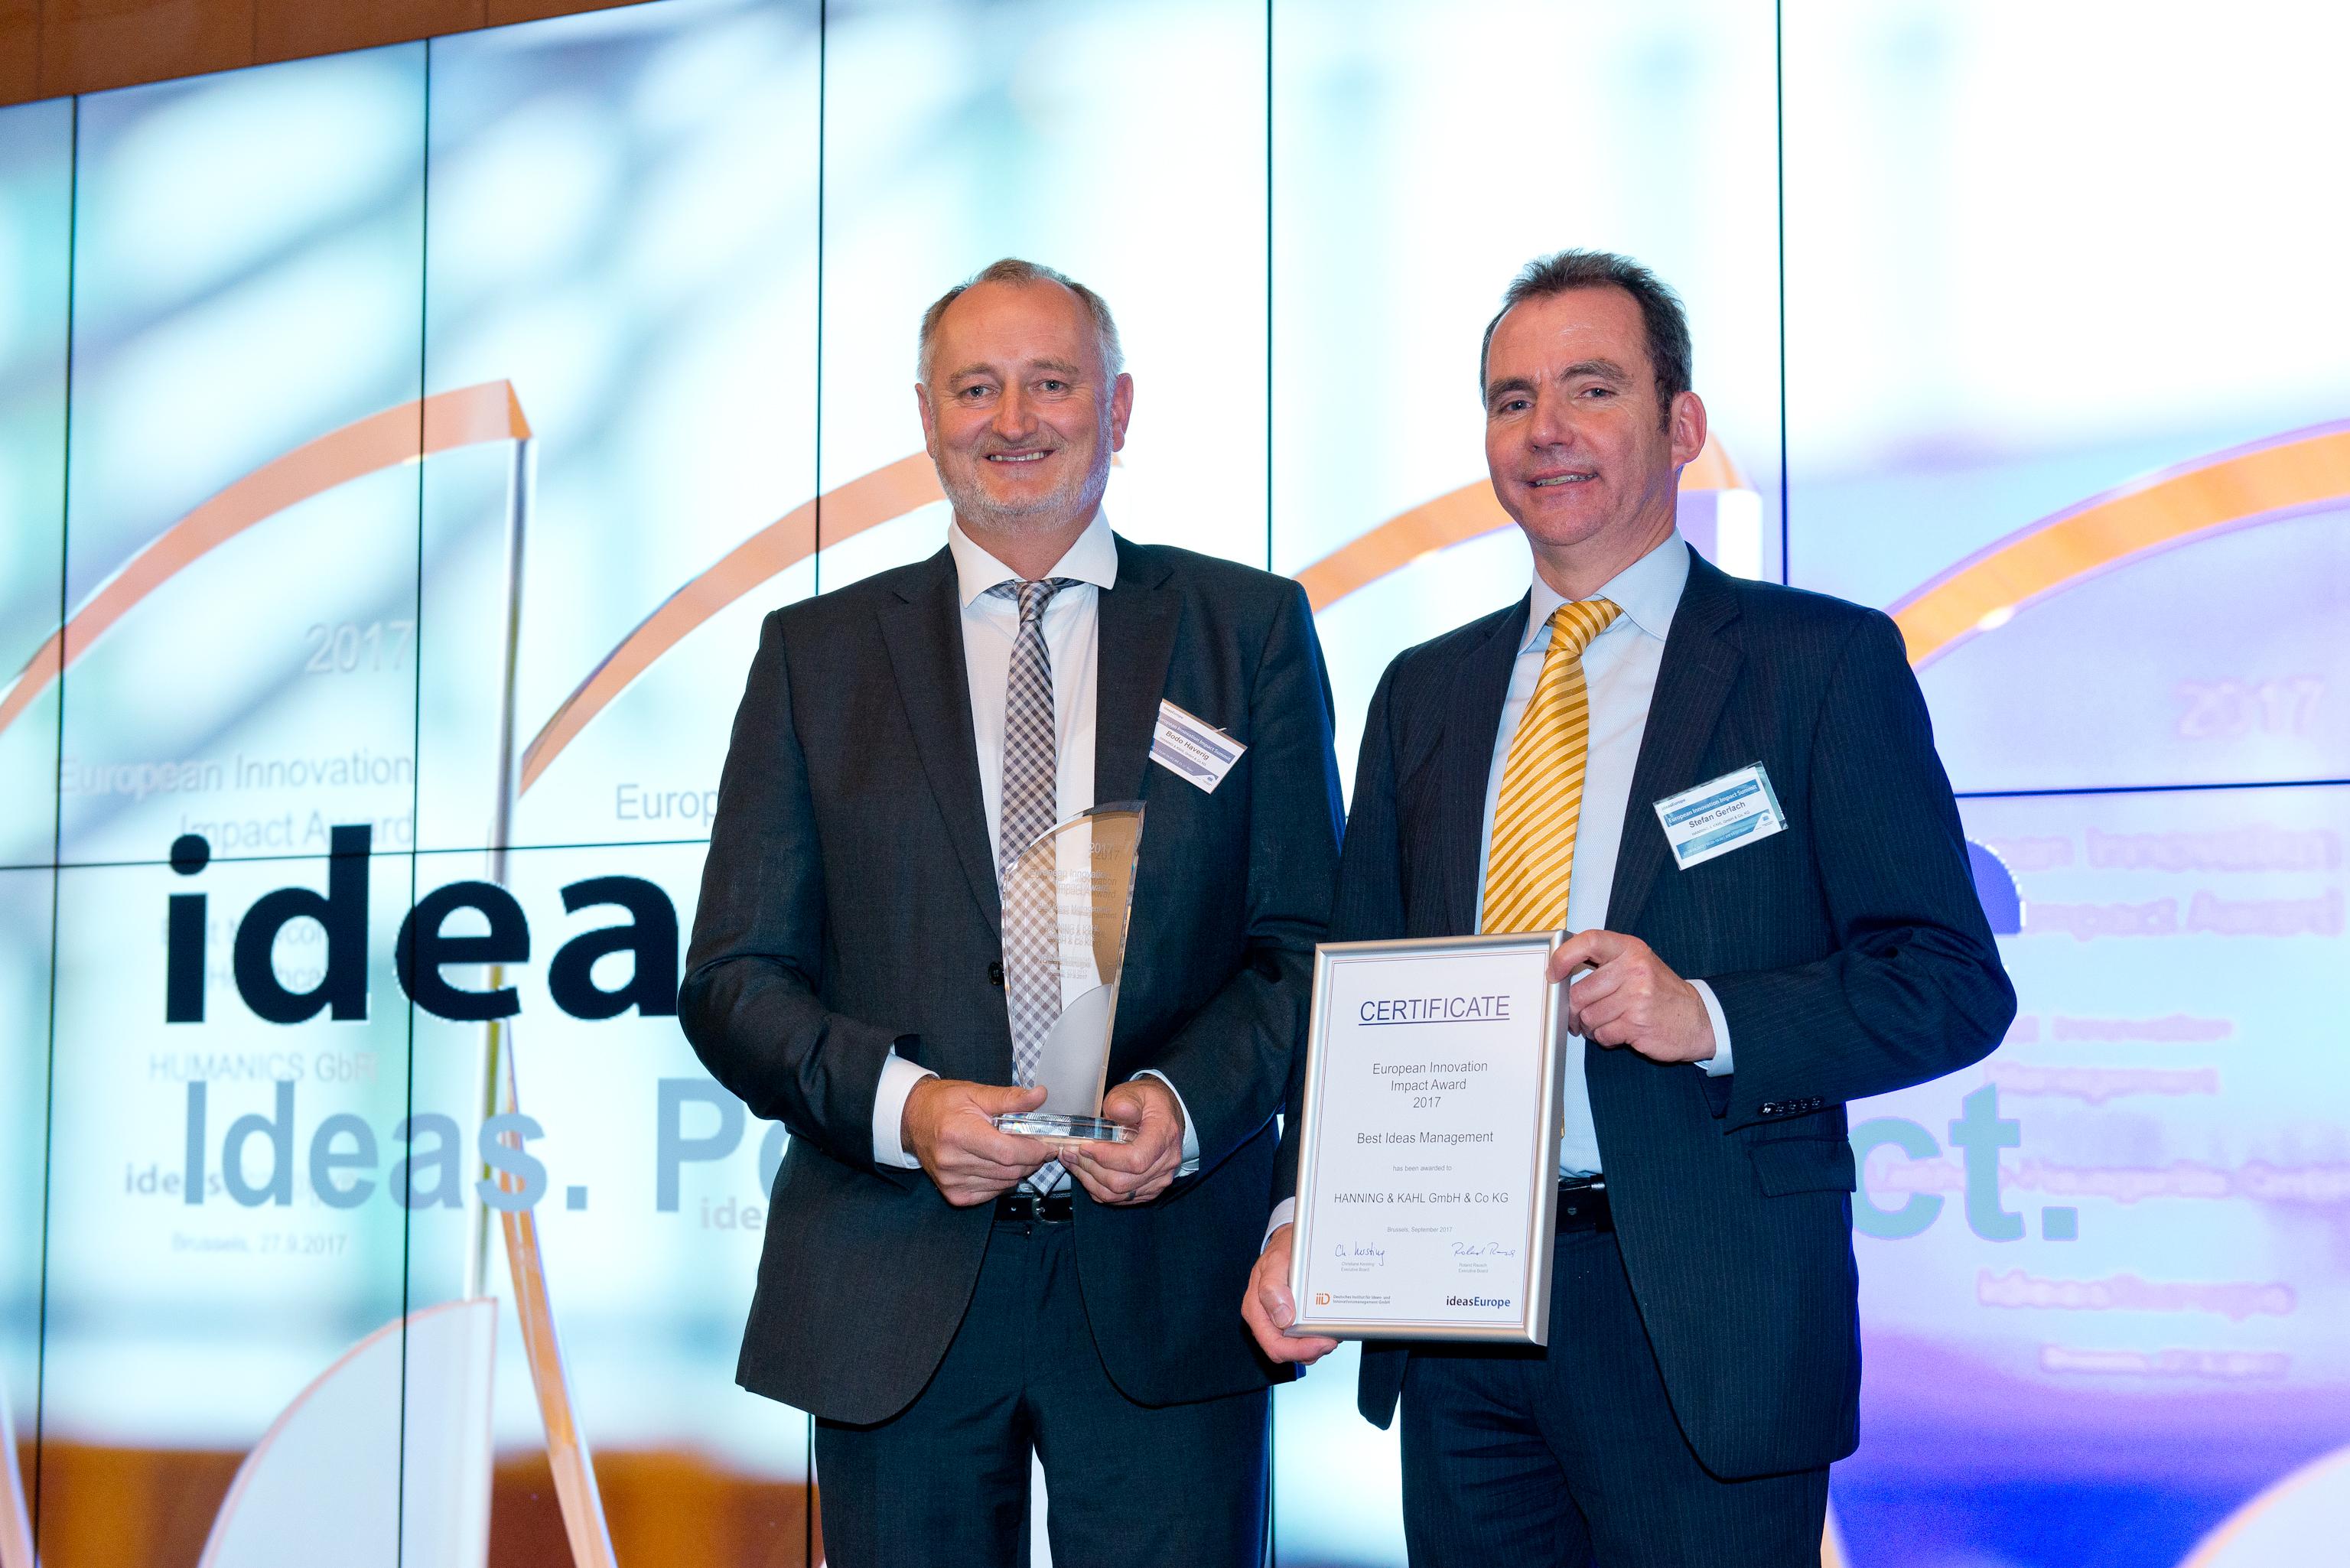 Das Innovations-Team  freut sich über die Auszeichnung (Foto: HANNING & KAHL)